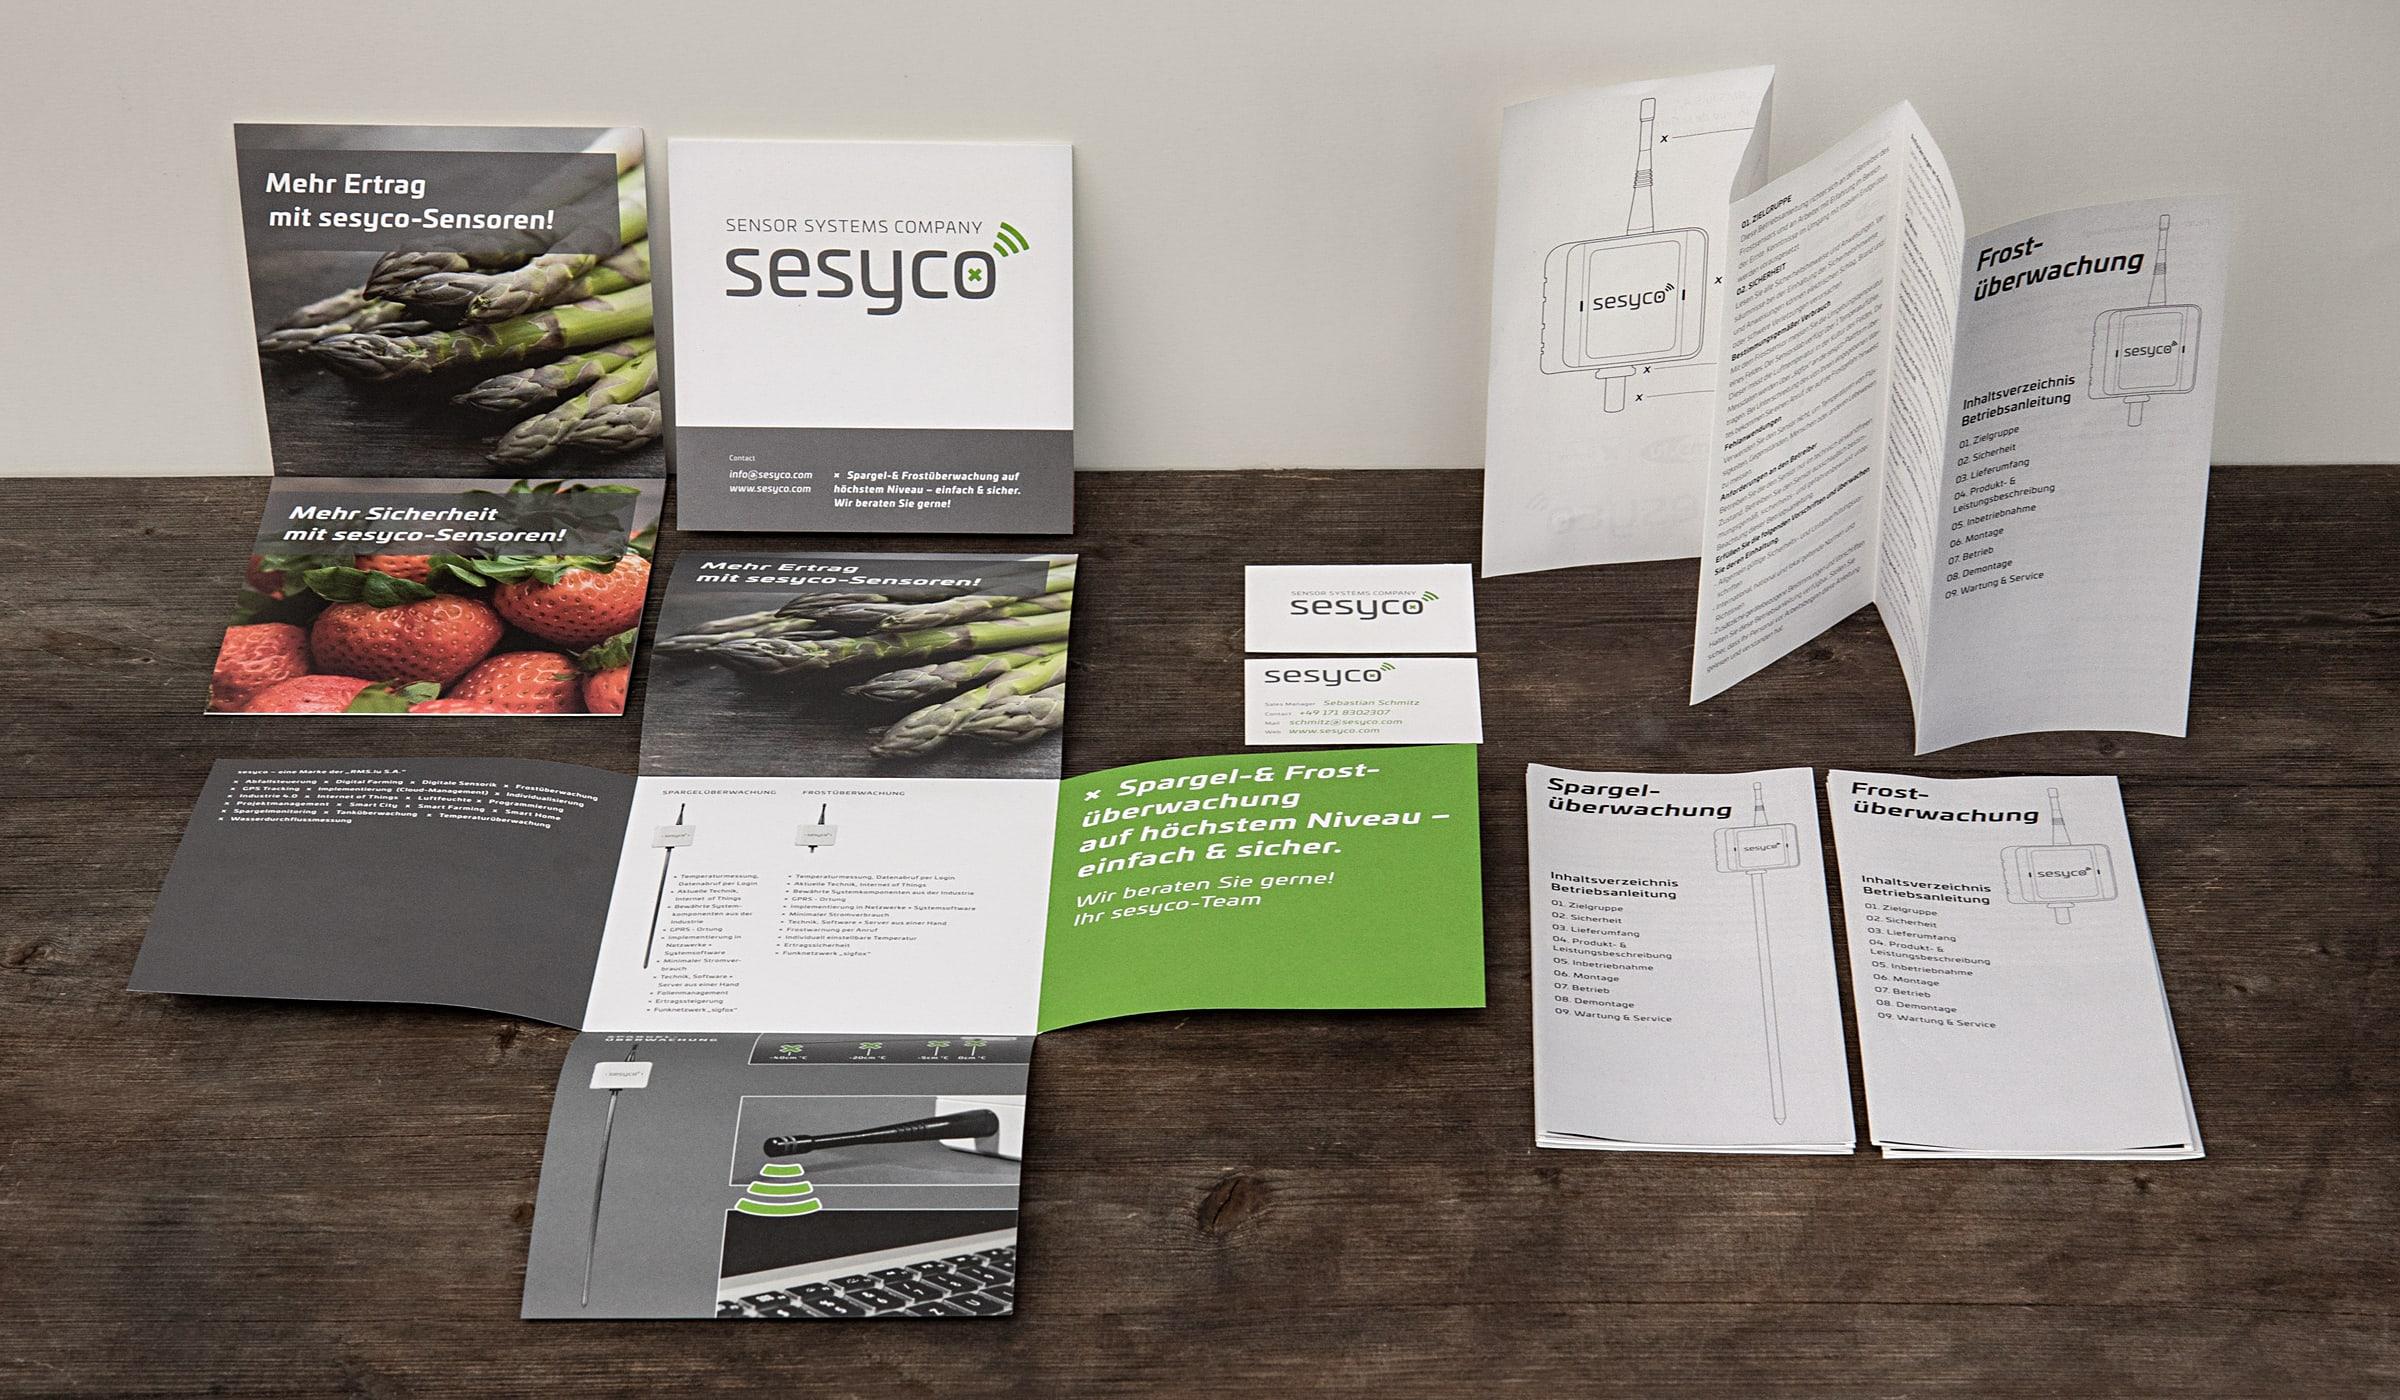 Branding/ Konzeptarbeit/ Corporate Design/ sesyco – eine Marke der Rms.lu S.A. Luxemburg/ Brand Design/ Logo/ KERSTIN MICHELS – DESIGN/ Designagentur/ Werbeagentur/ Grafikdesign/ Kommunikationsdesign/ Hermeskeil / Hochwald/ Trier/ Rheinland-Pfalz/ Werbung/ Design